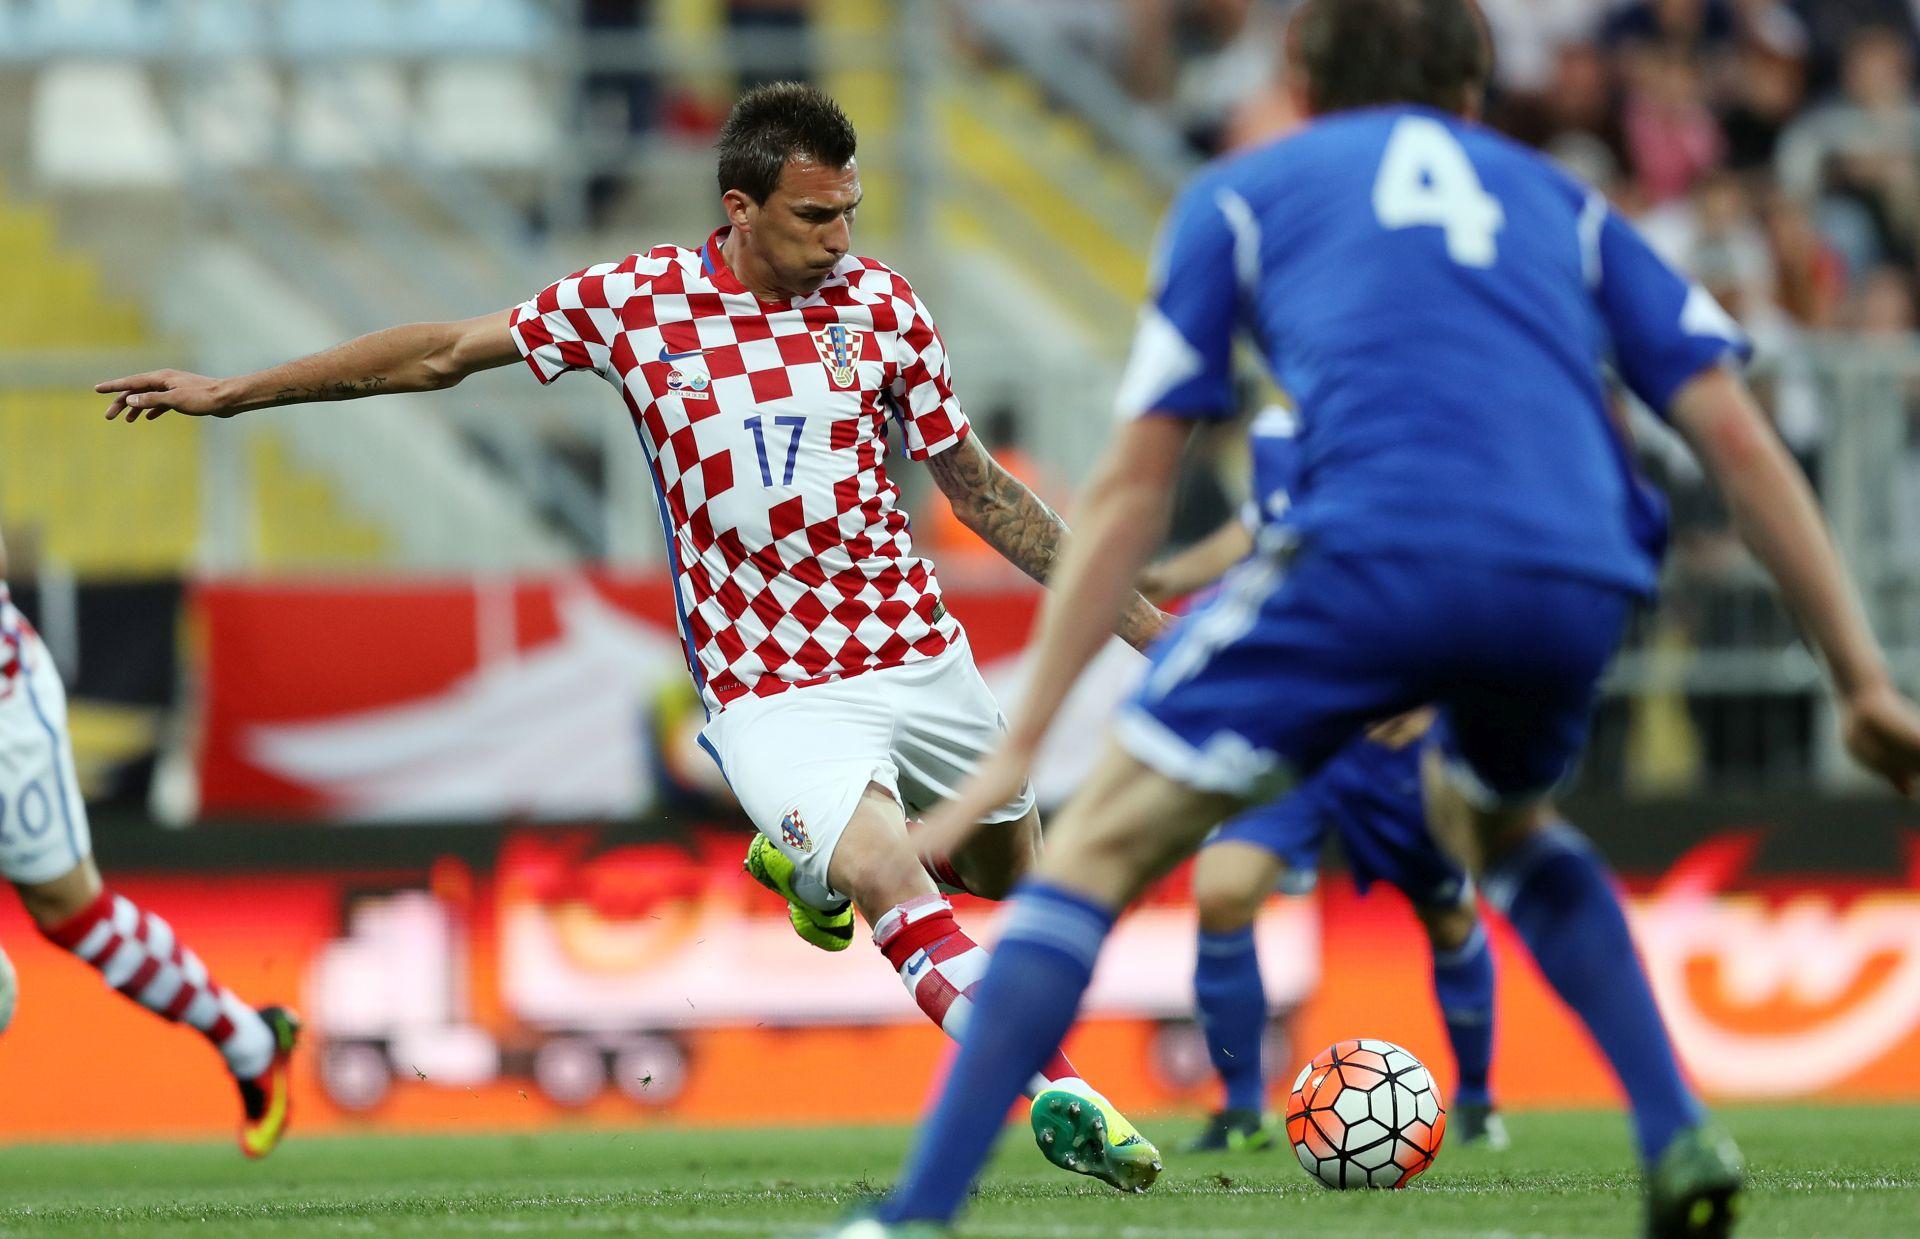 REKORDNA POBJEDA 'VATRENIH': Hrvatska – San Marino 10:0